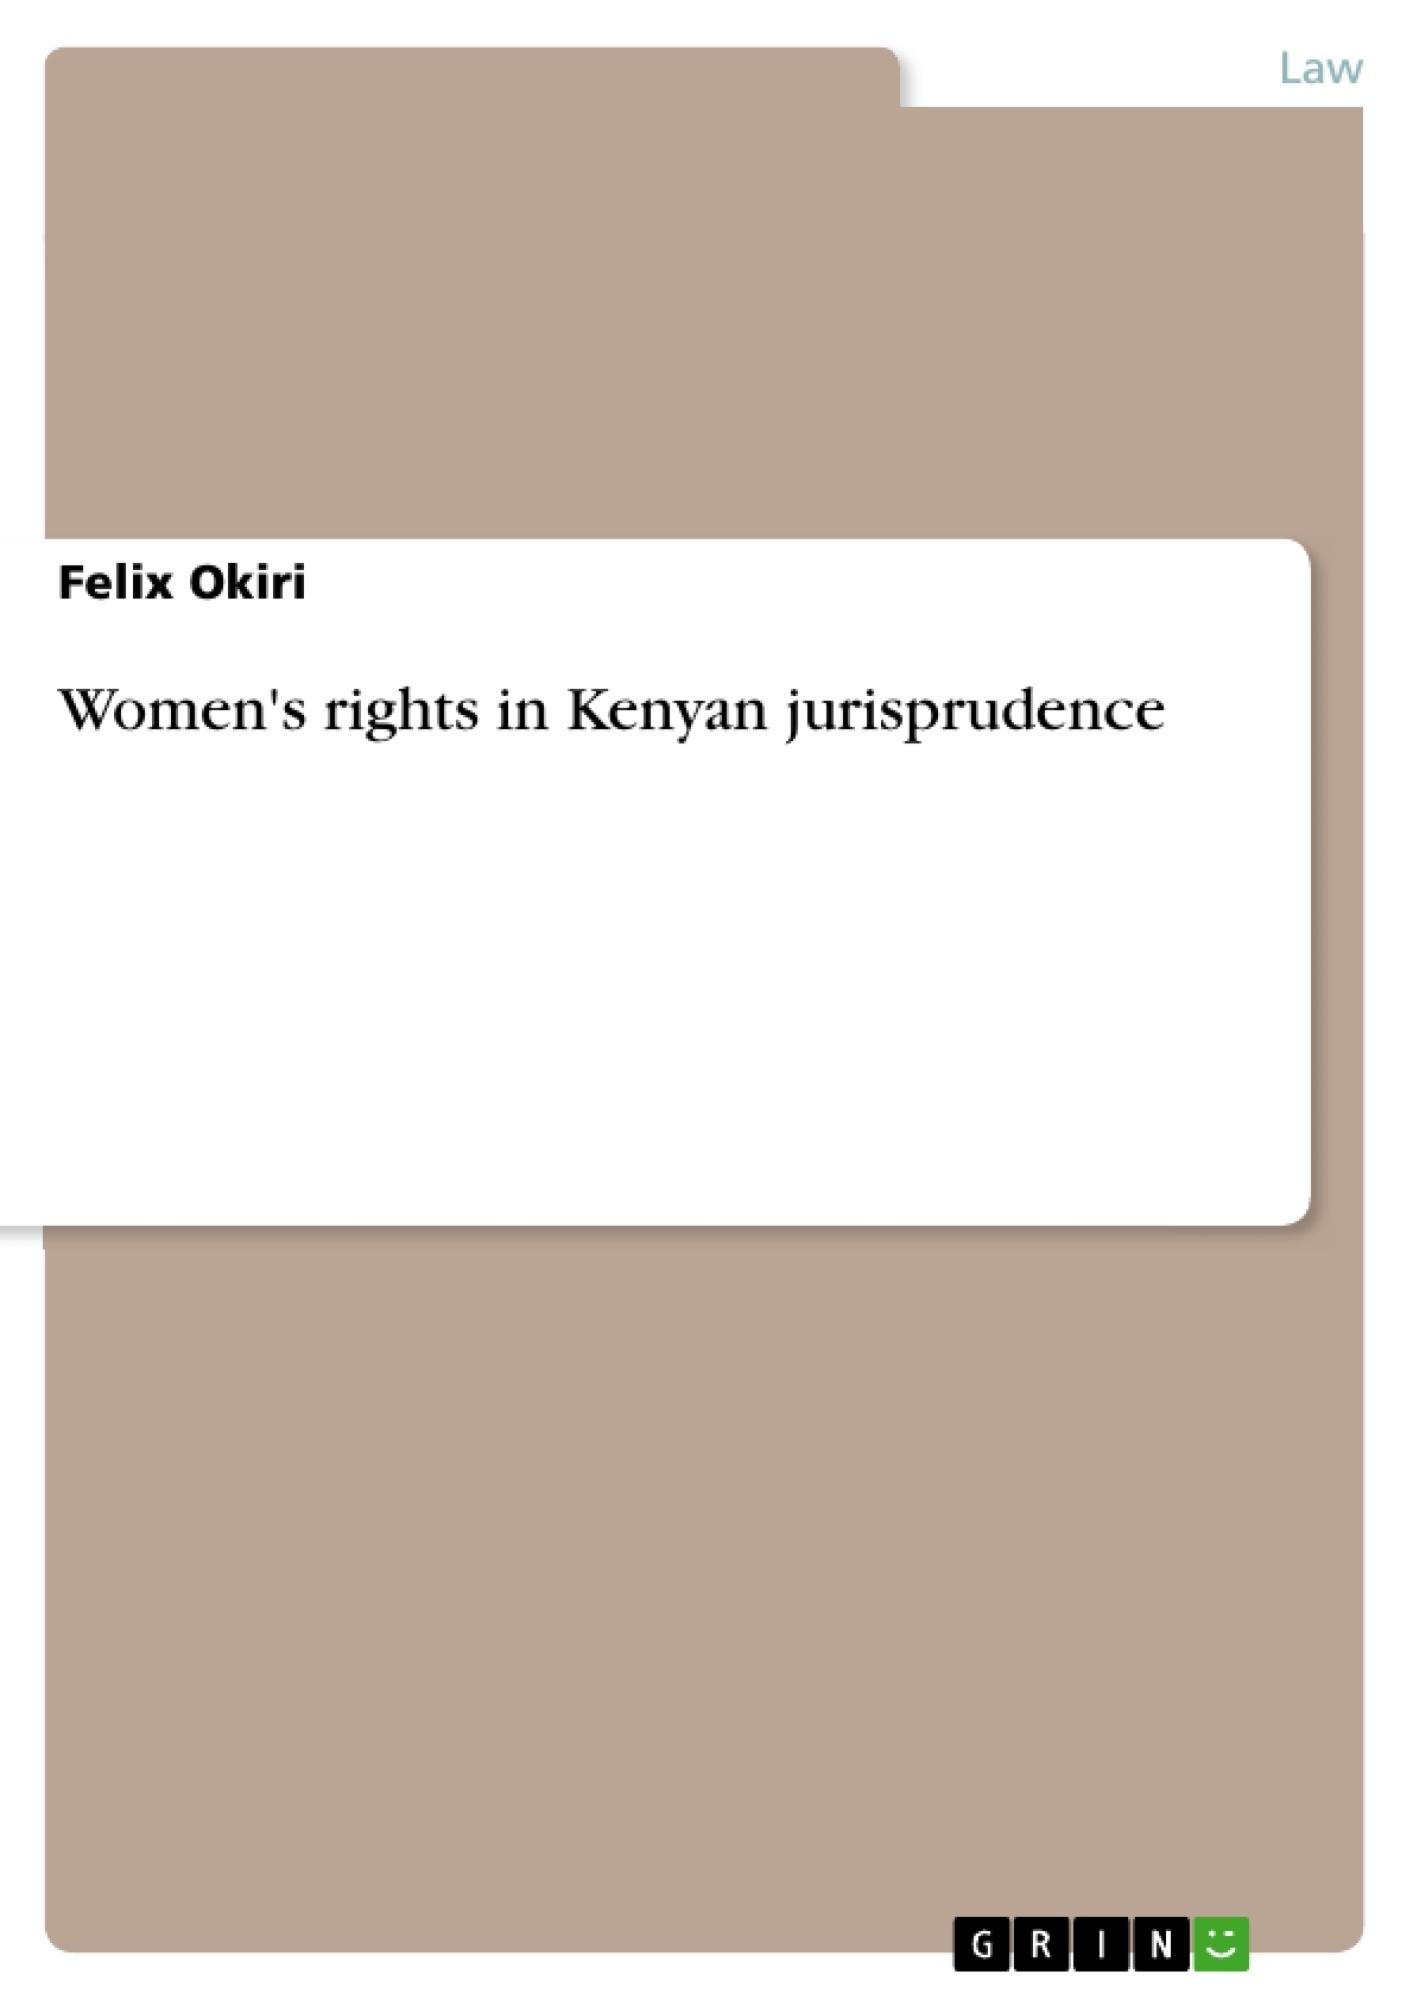 Title: Women's rights in Kenyan jurisprudence